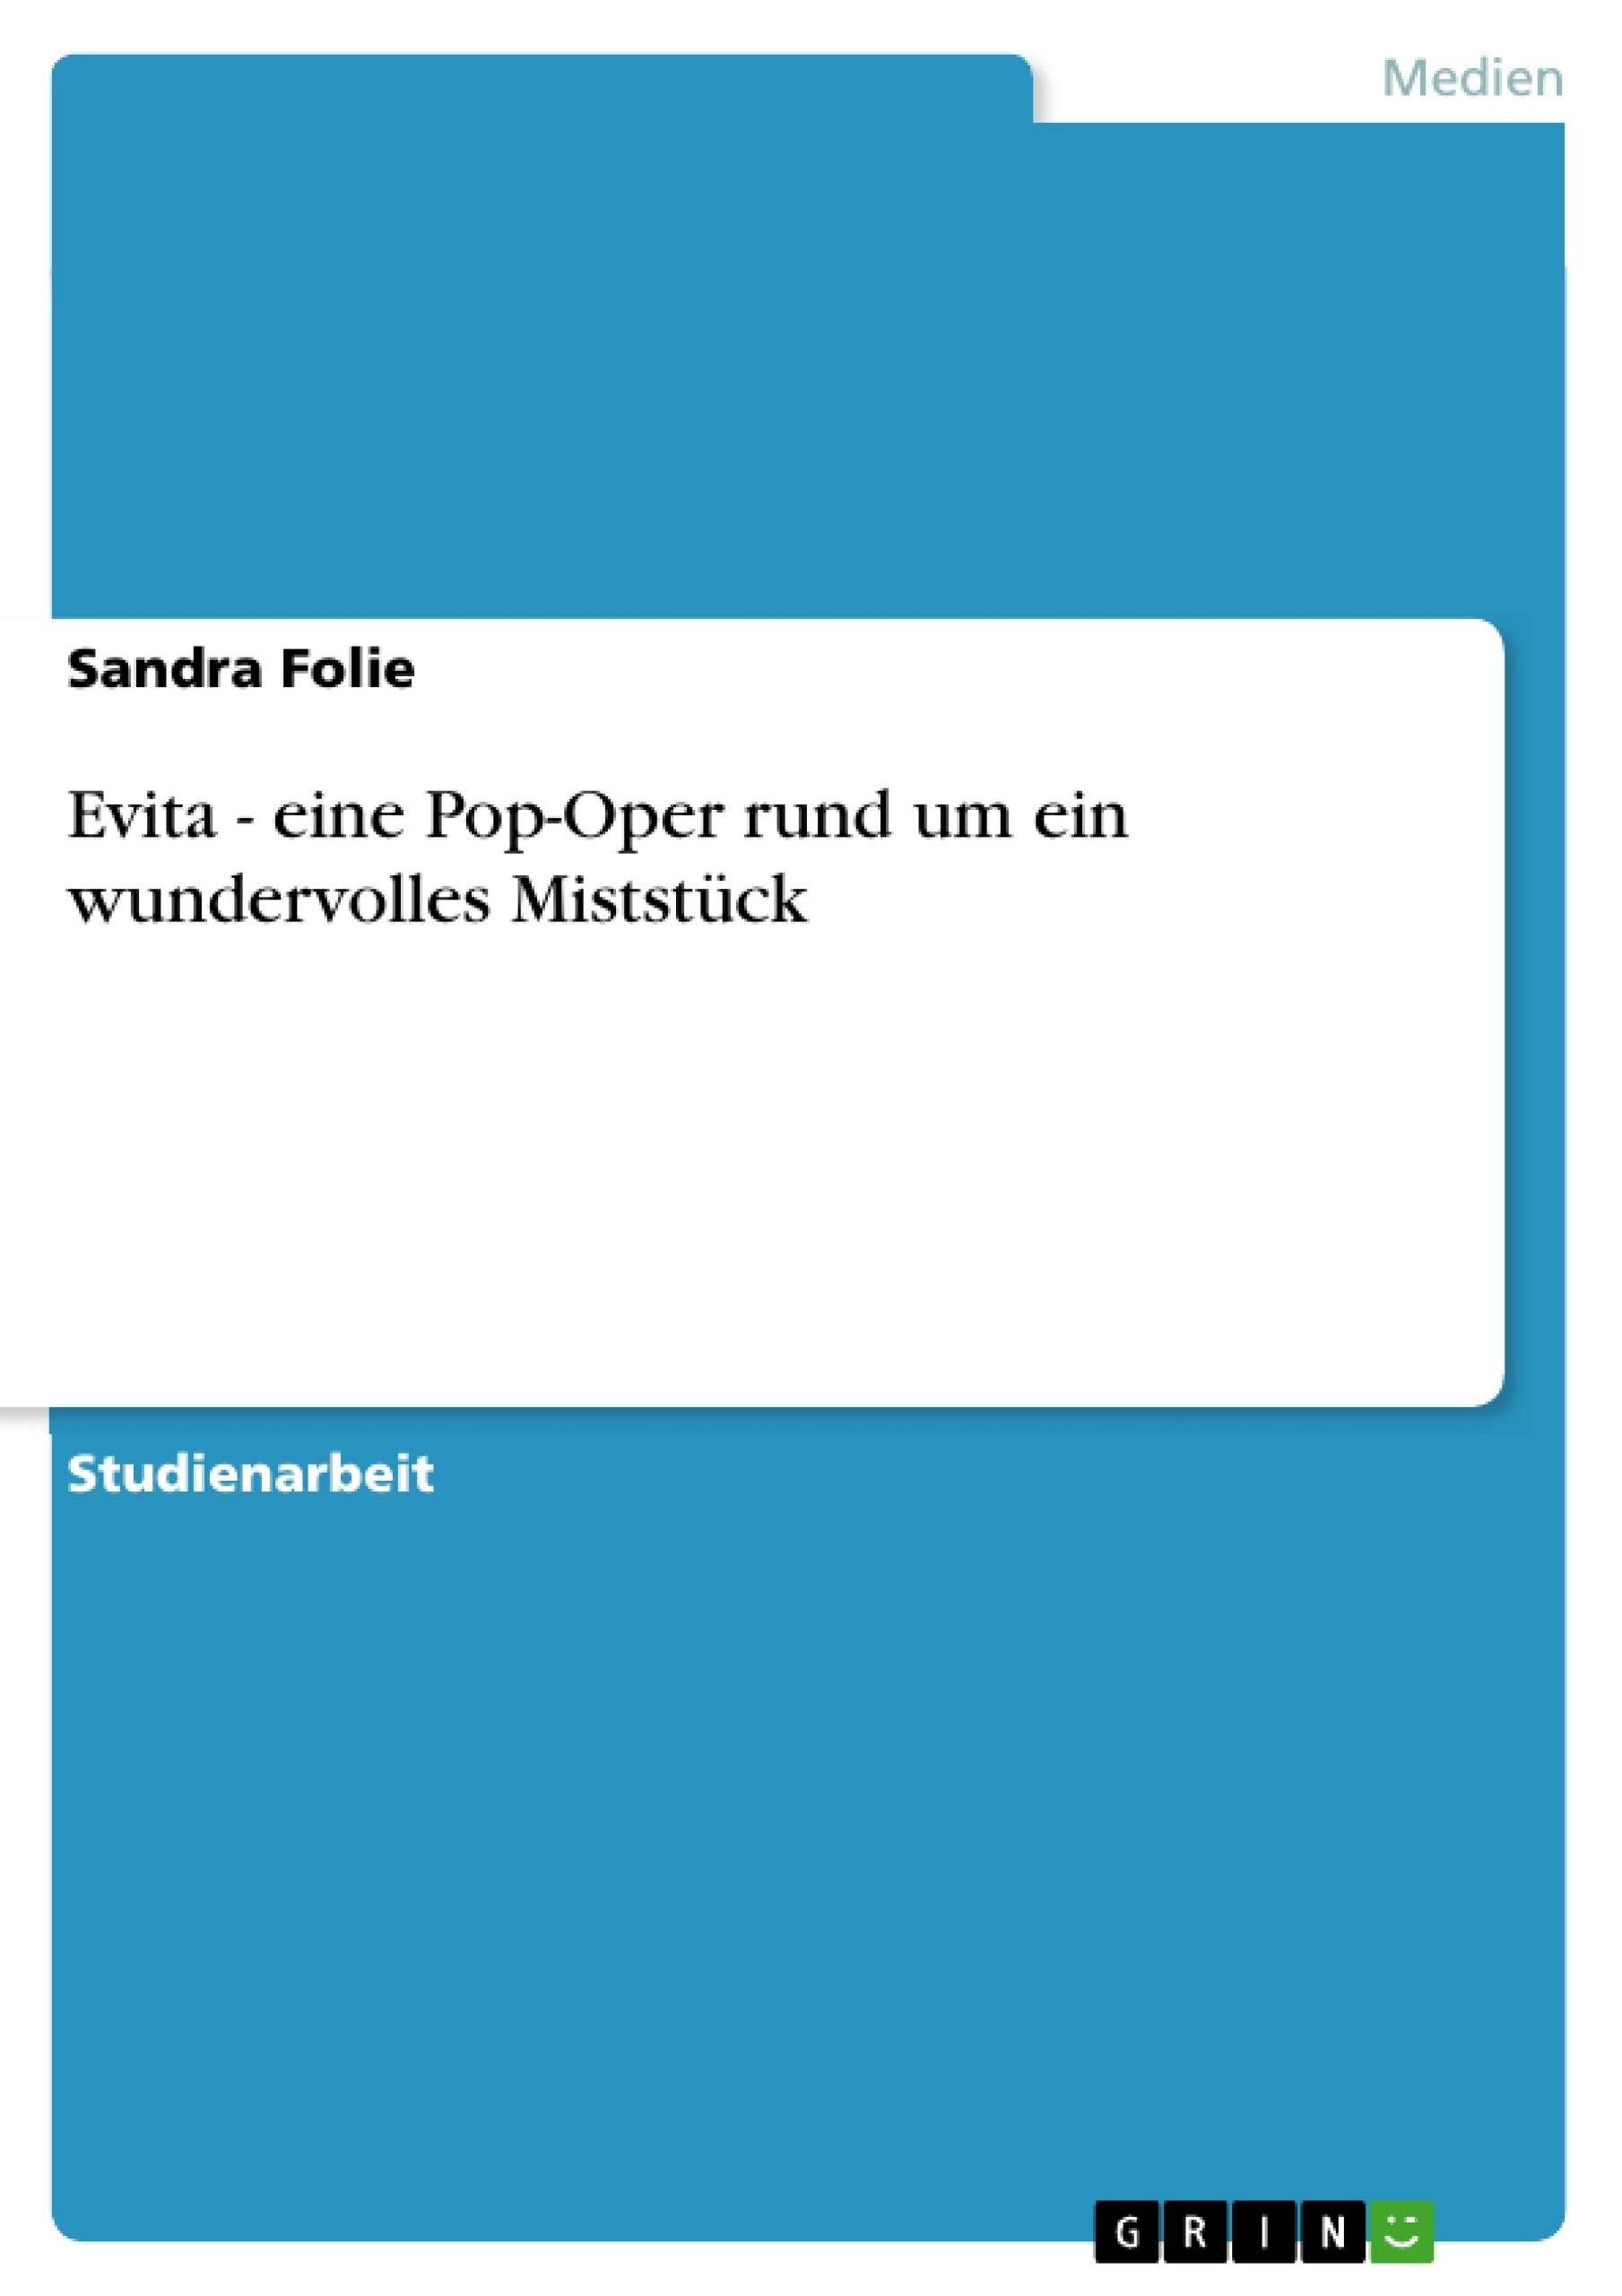 Titel: Evita - eine Pop-Oper rund um ein wundervolles Miststück